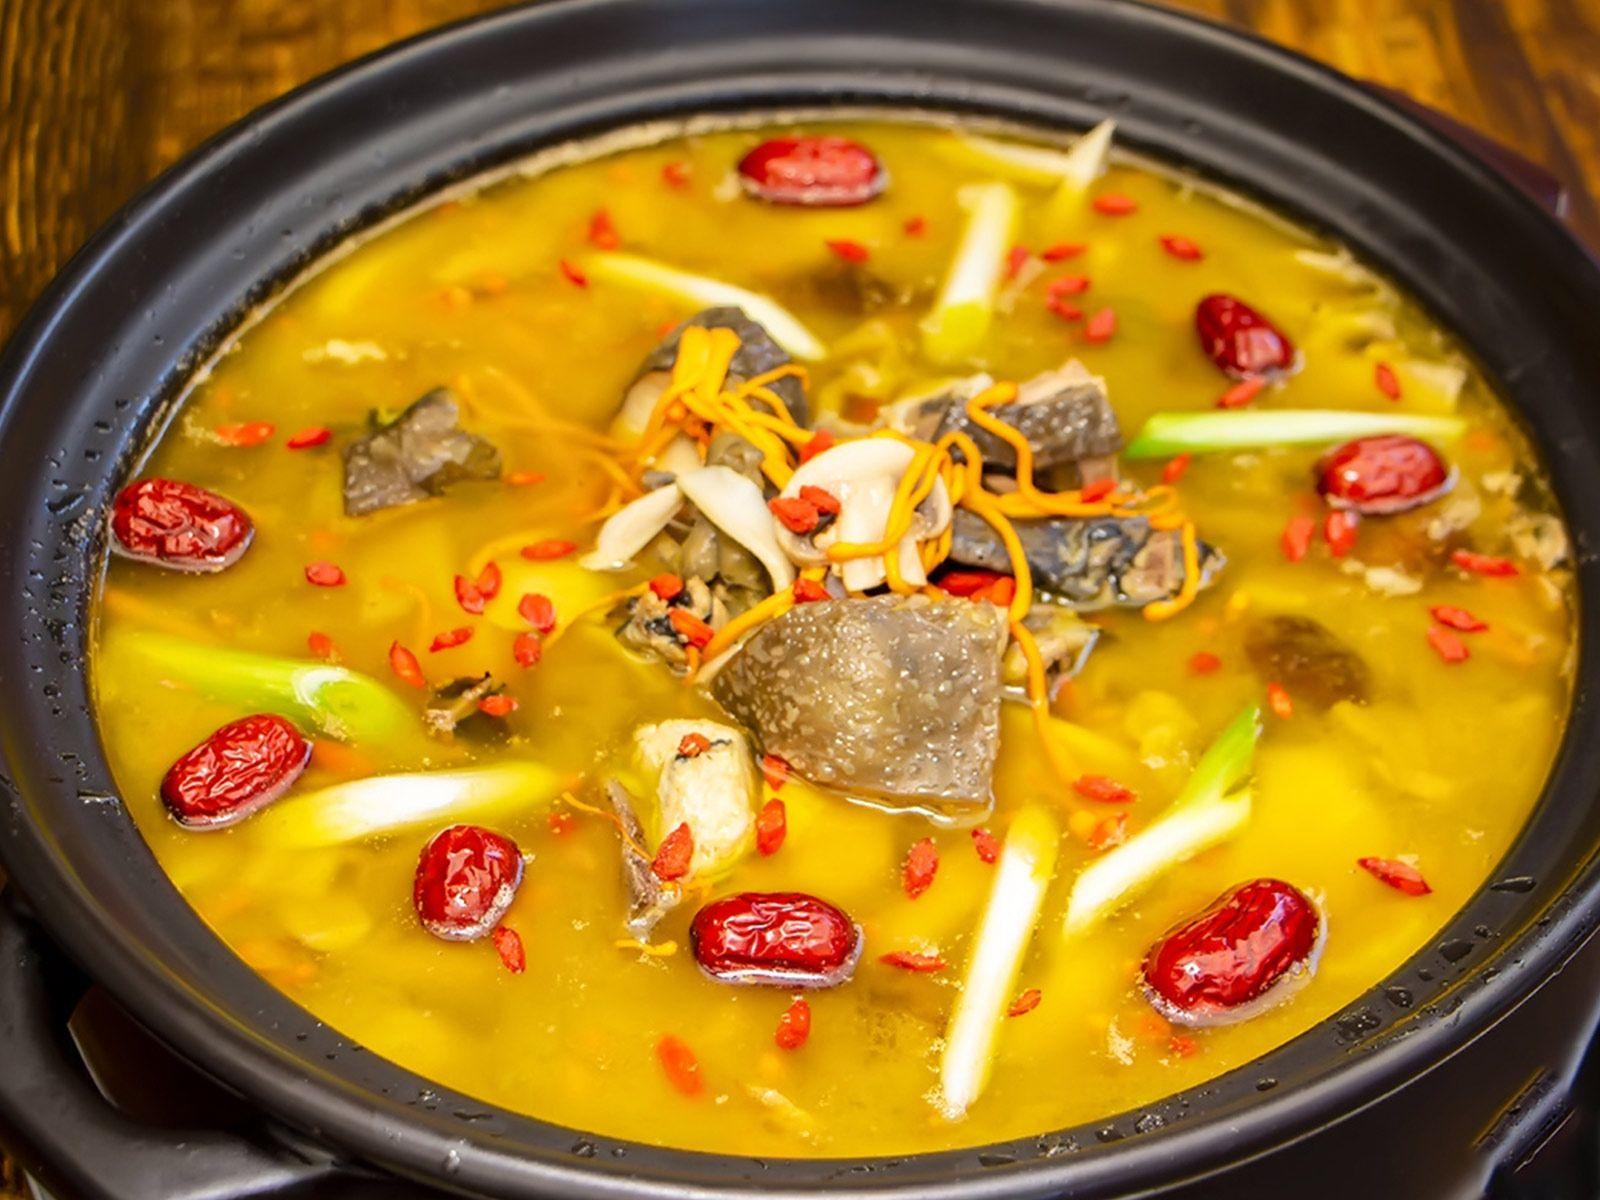 美团圈圈攀枝花站 | 满盆红菌汤锅(华芝店)|汤锅超值2-3人餐|鲜菌汤肚鸡